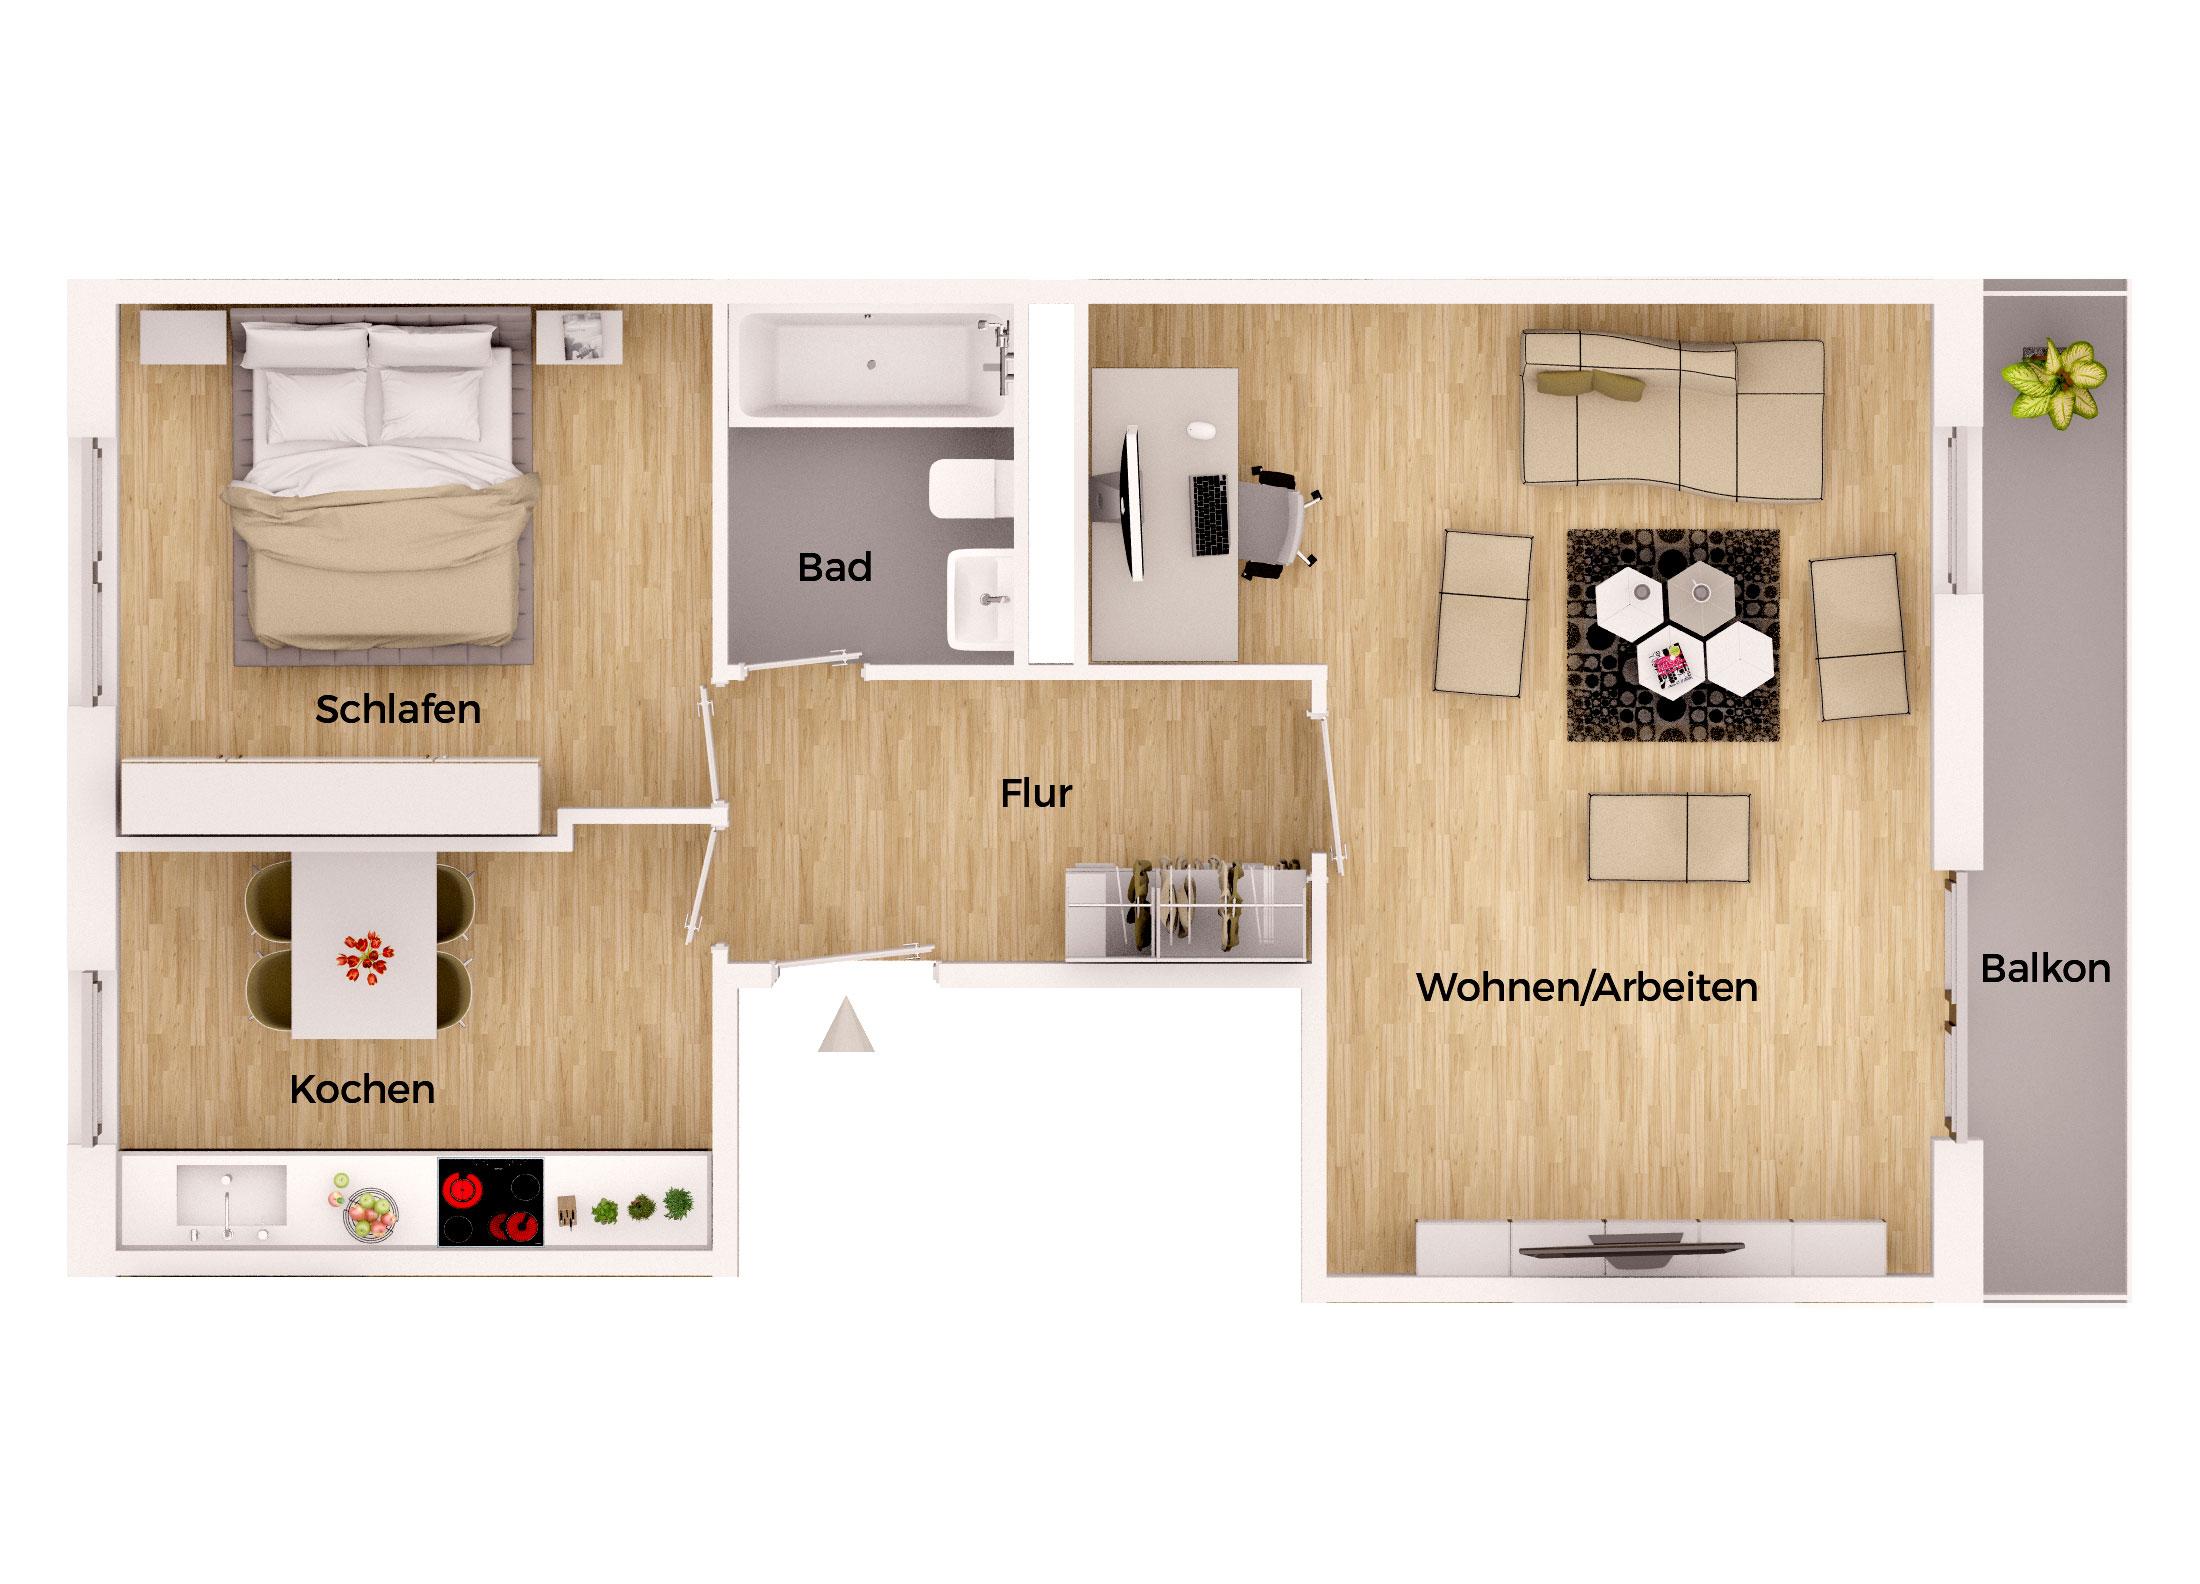 preiswerte und sanierte mietwohnungen in meiningen. Black Bedroom Furniture Sets. Home Design Ideas